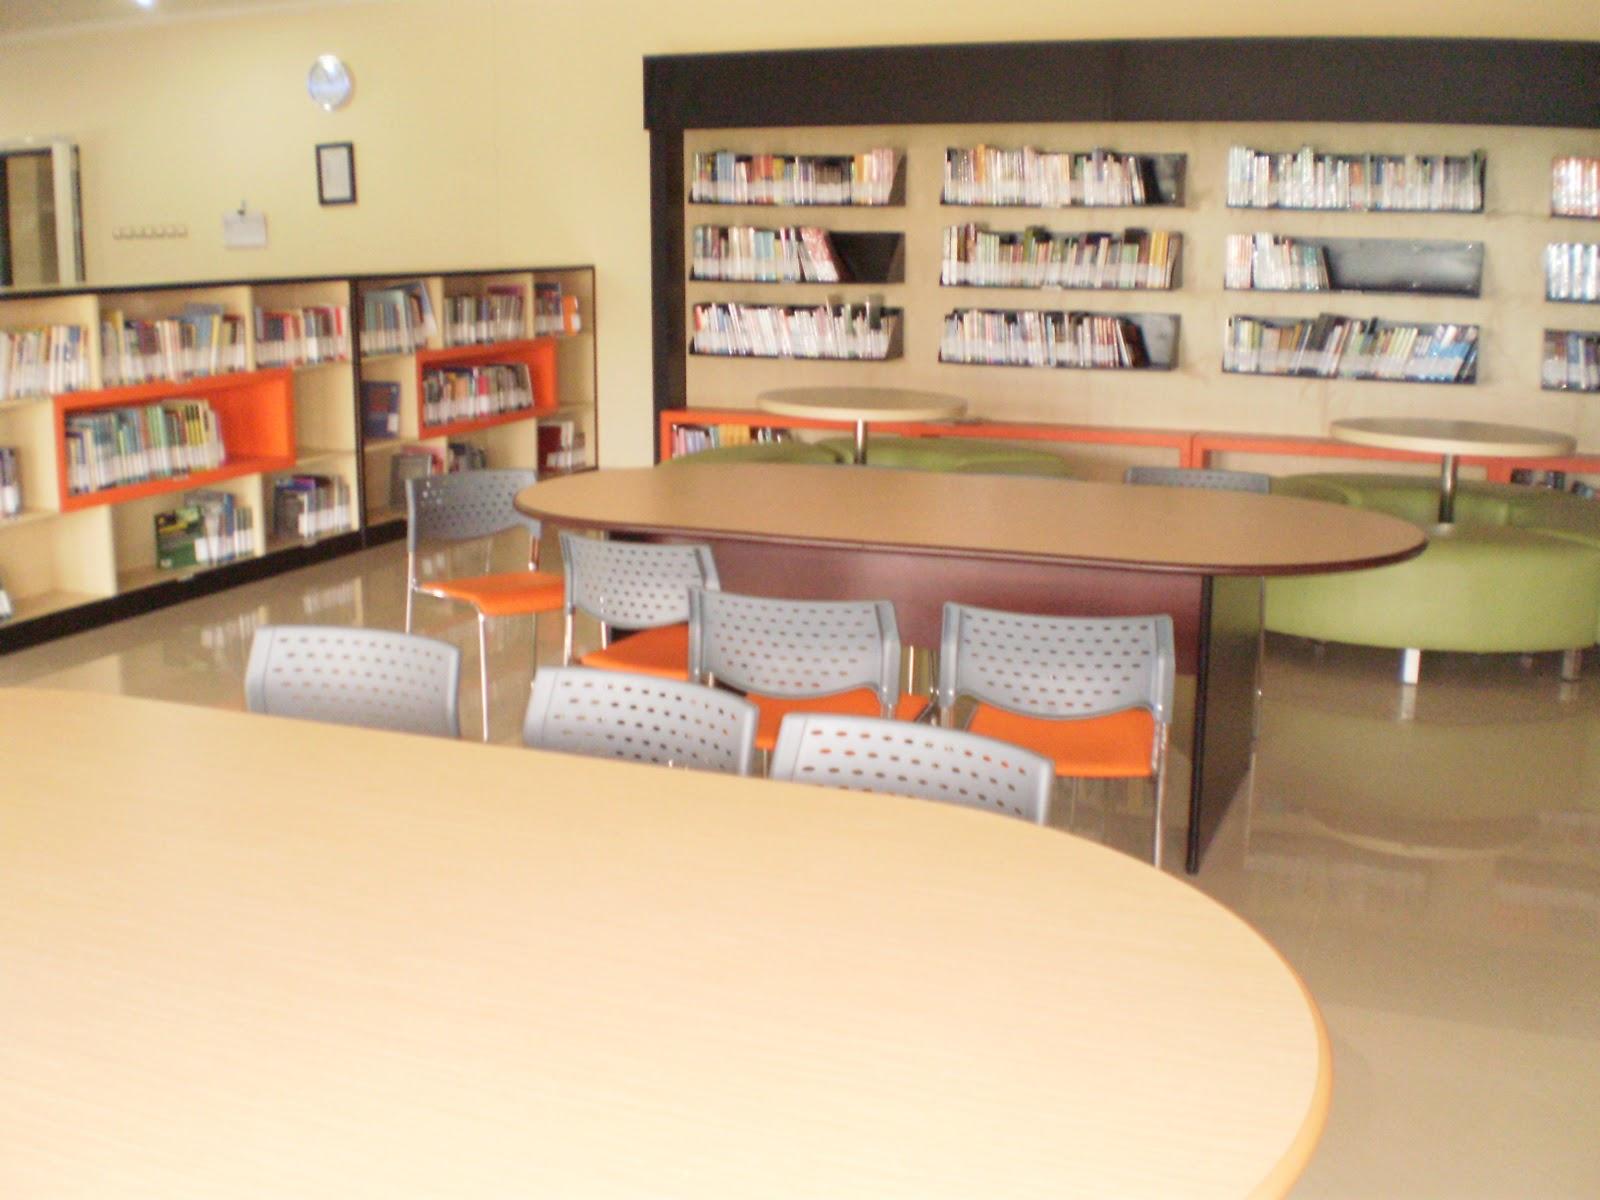 Pengenalan kegiatan kepustakaan - 1.bp.blogspot.com